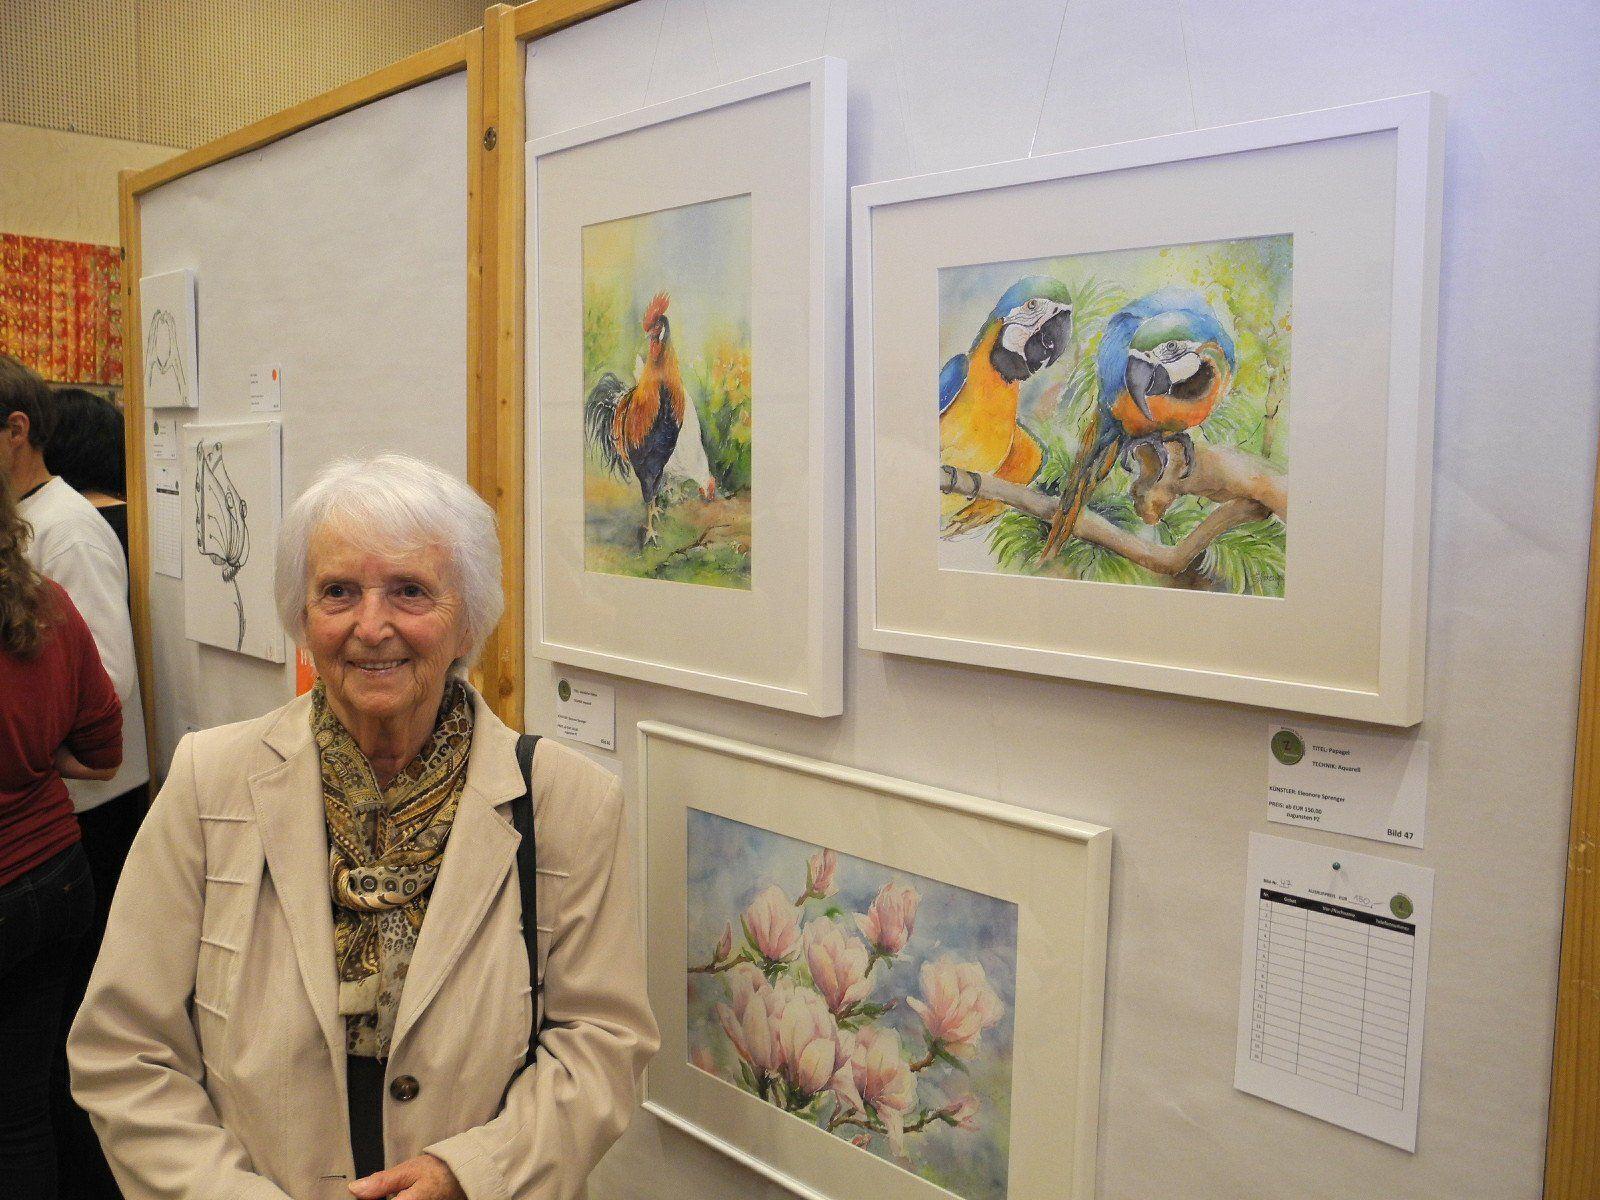 Eleonoren Sprenger, die älteste Teilnehmerin der Ausstellung vor ihren wunderschönen Bildern